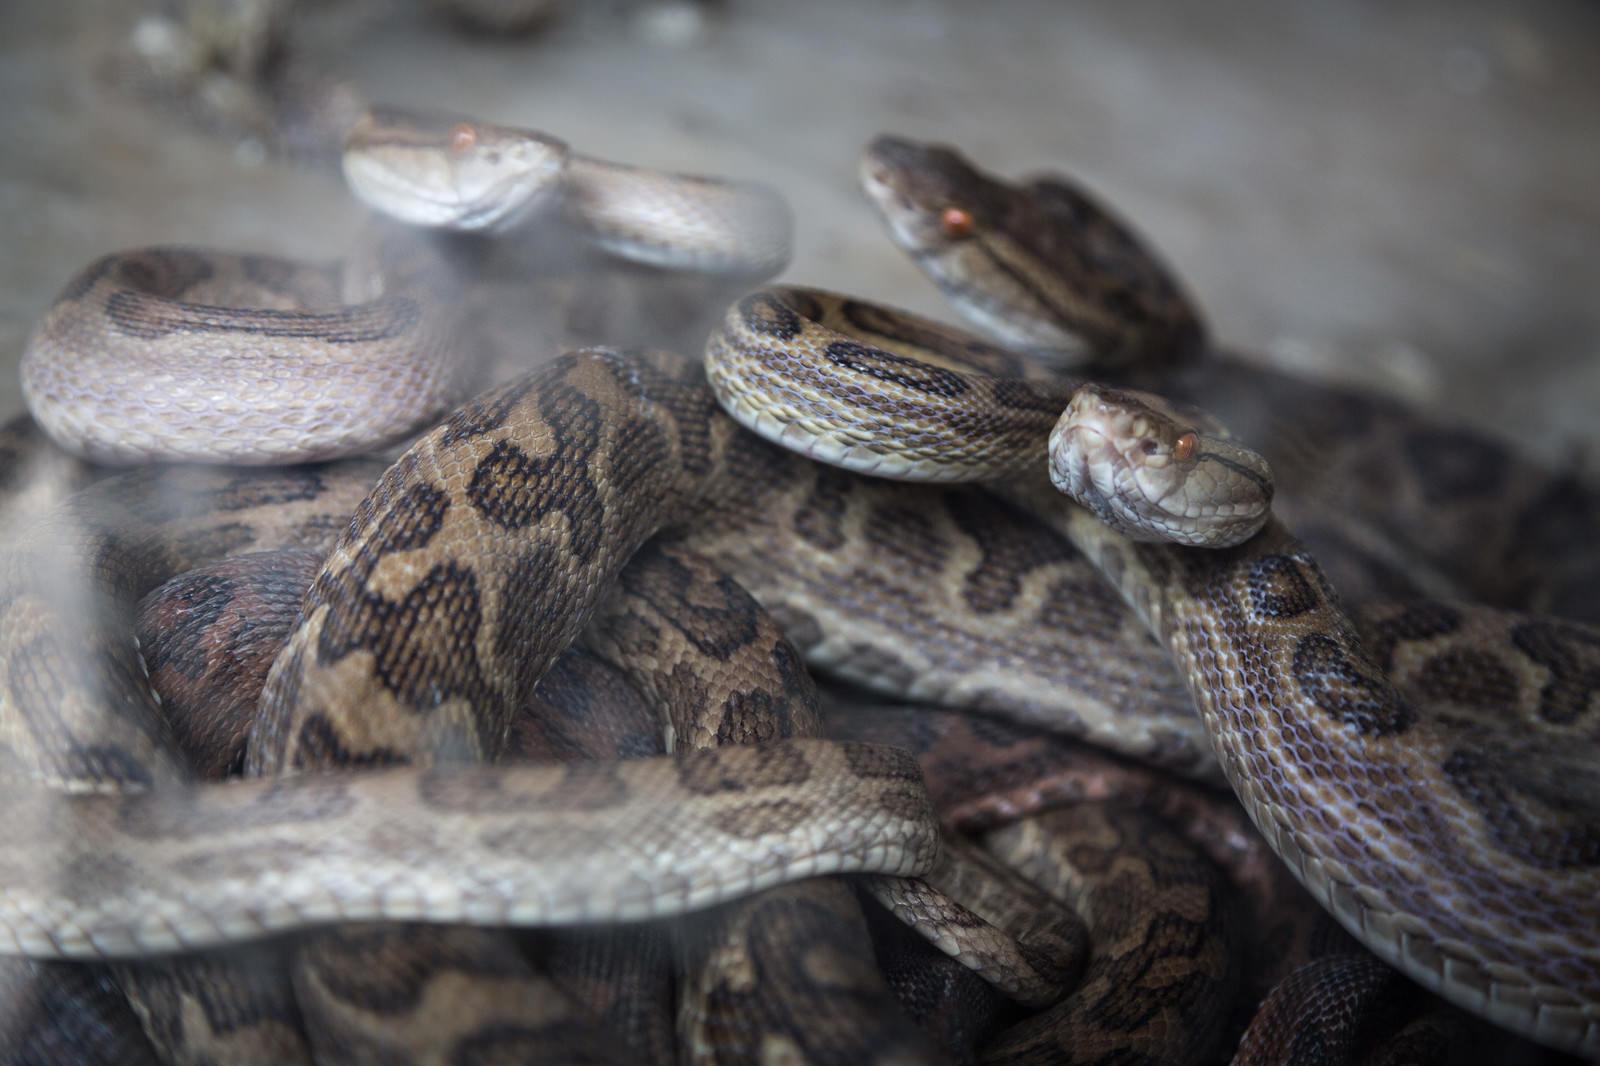 「徳之島の「ハブの館」に捕らえられた猛毒のハブ」の写真